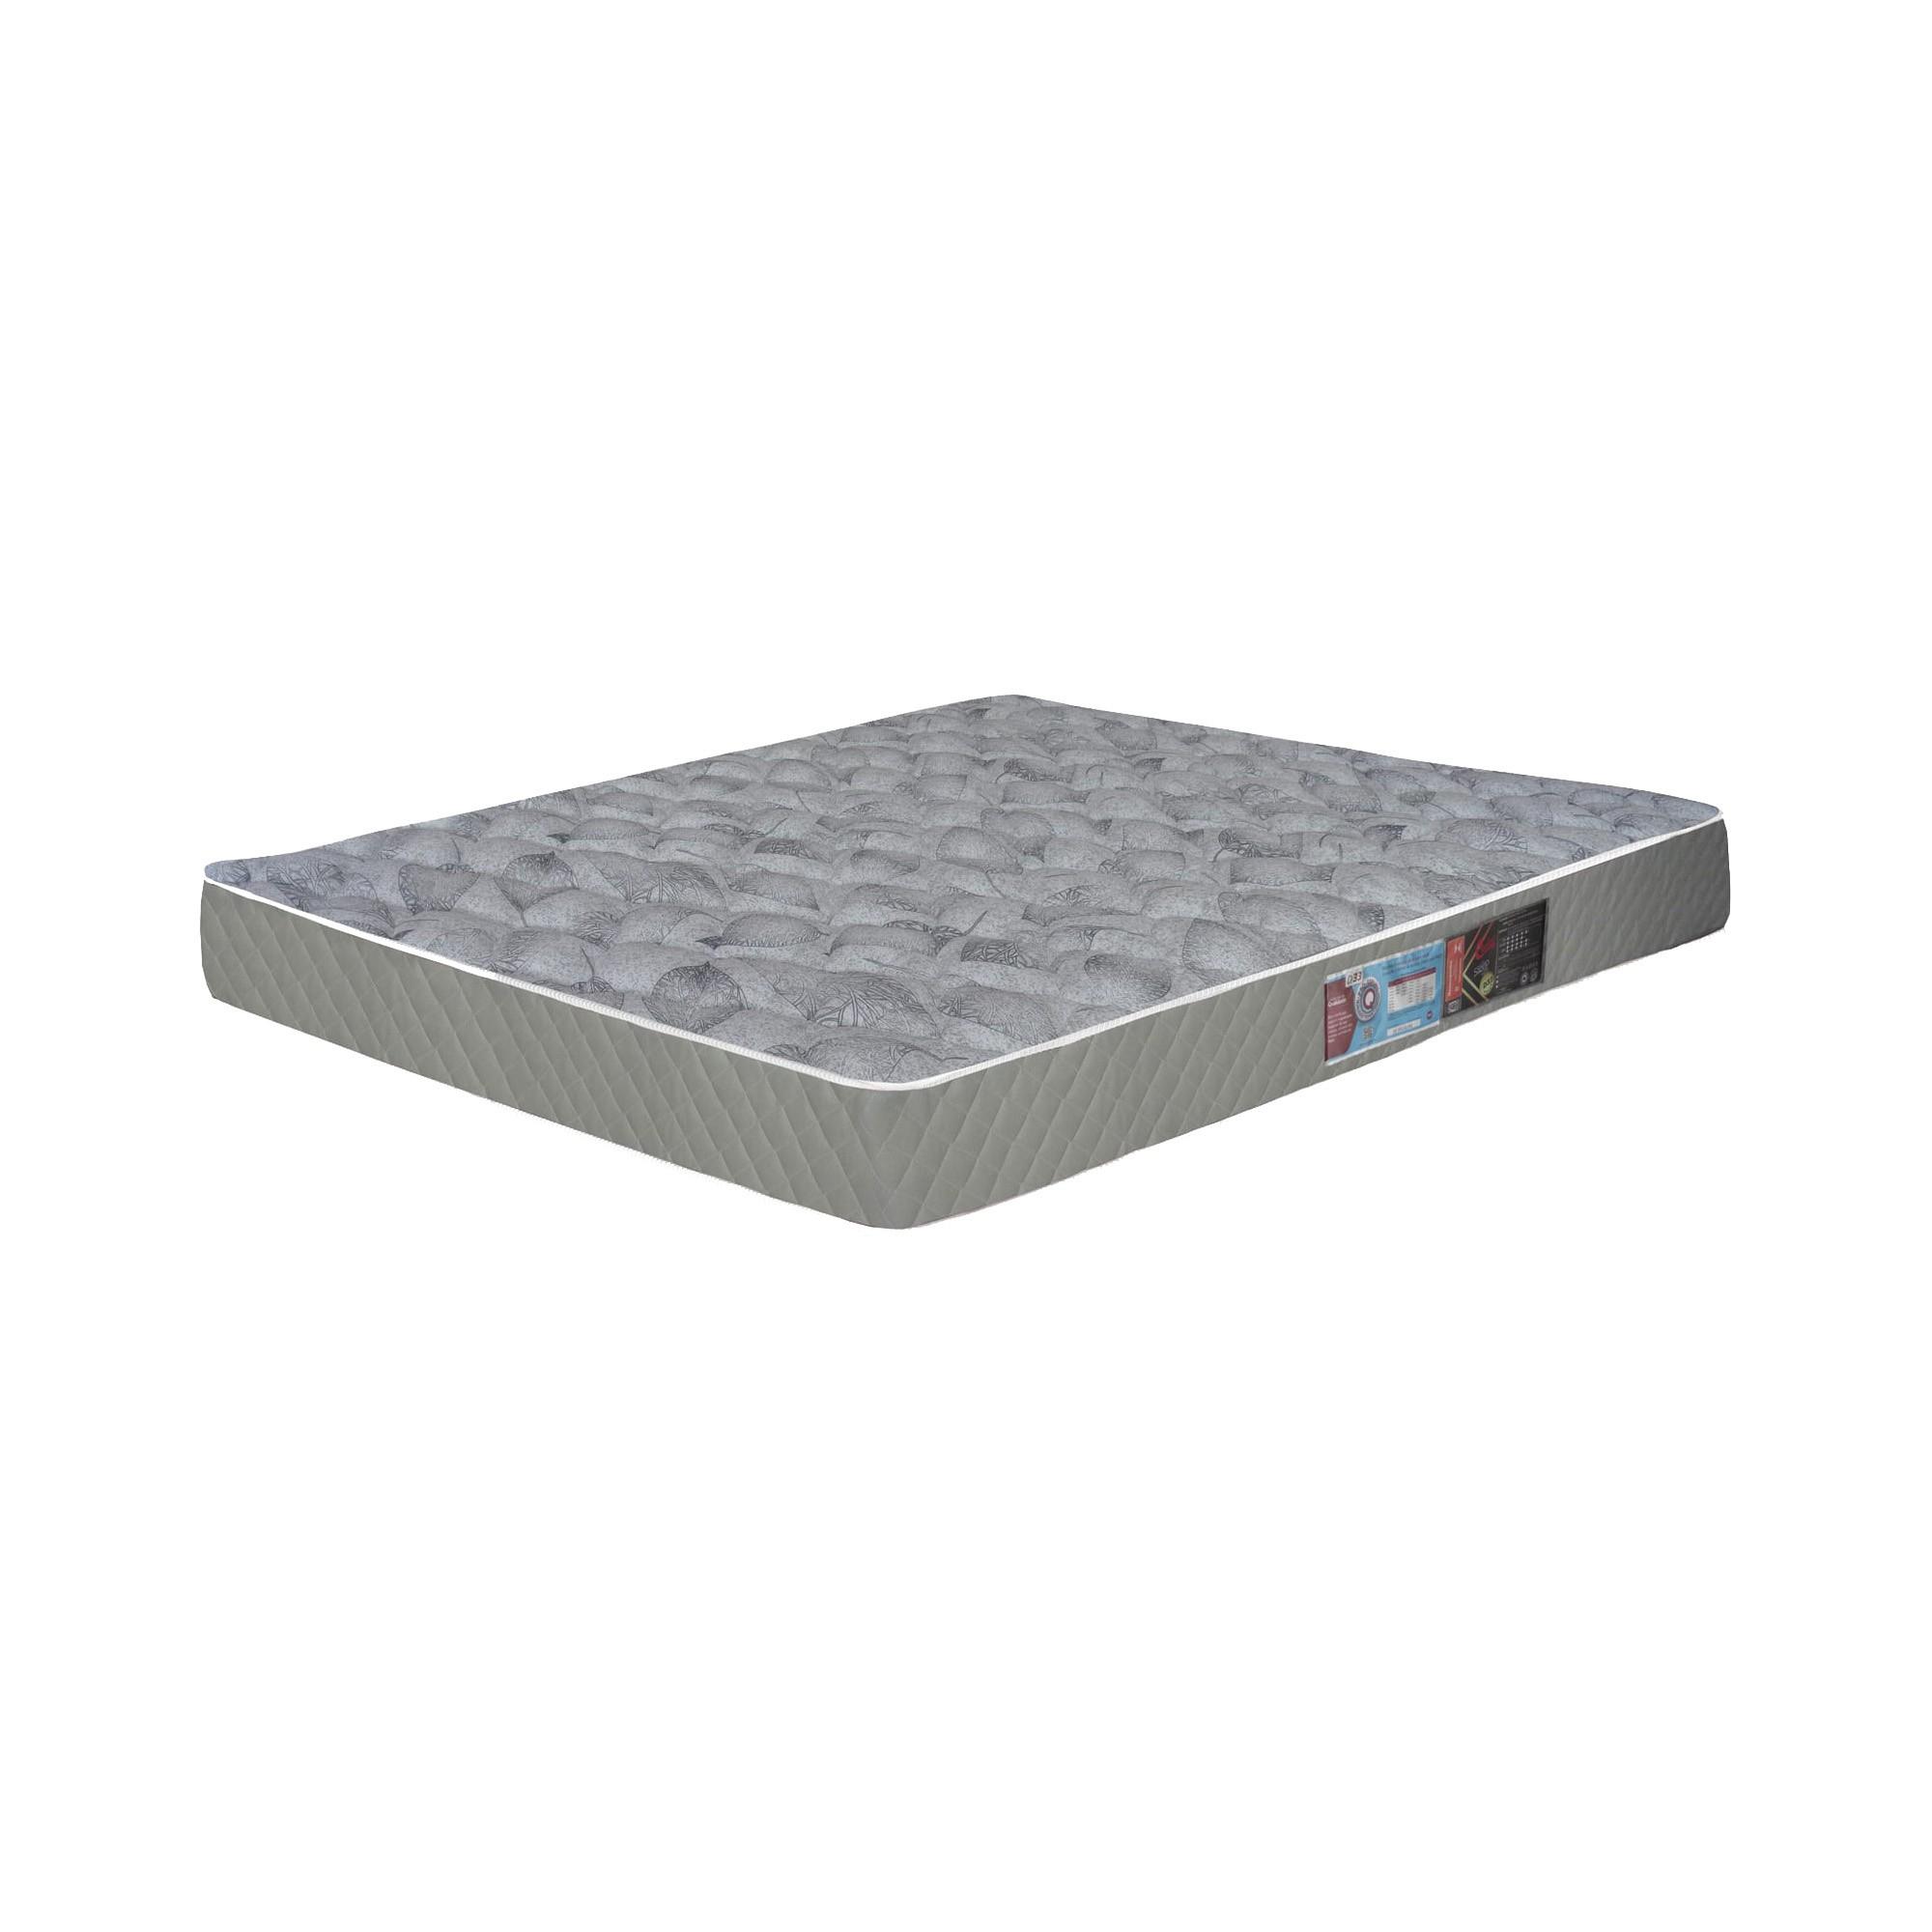 Colchão Castor Sleep Max D33 18 cm [Solteiro 078 x 188 cm]